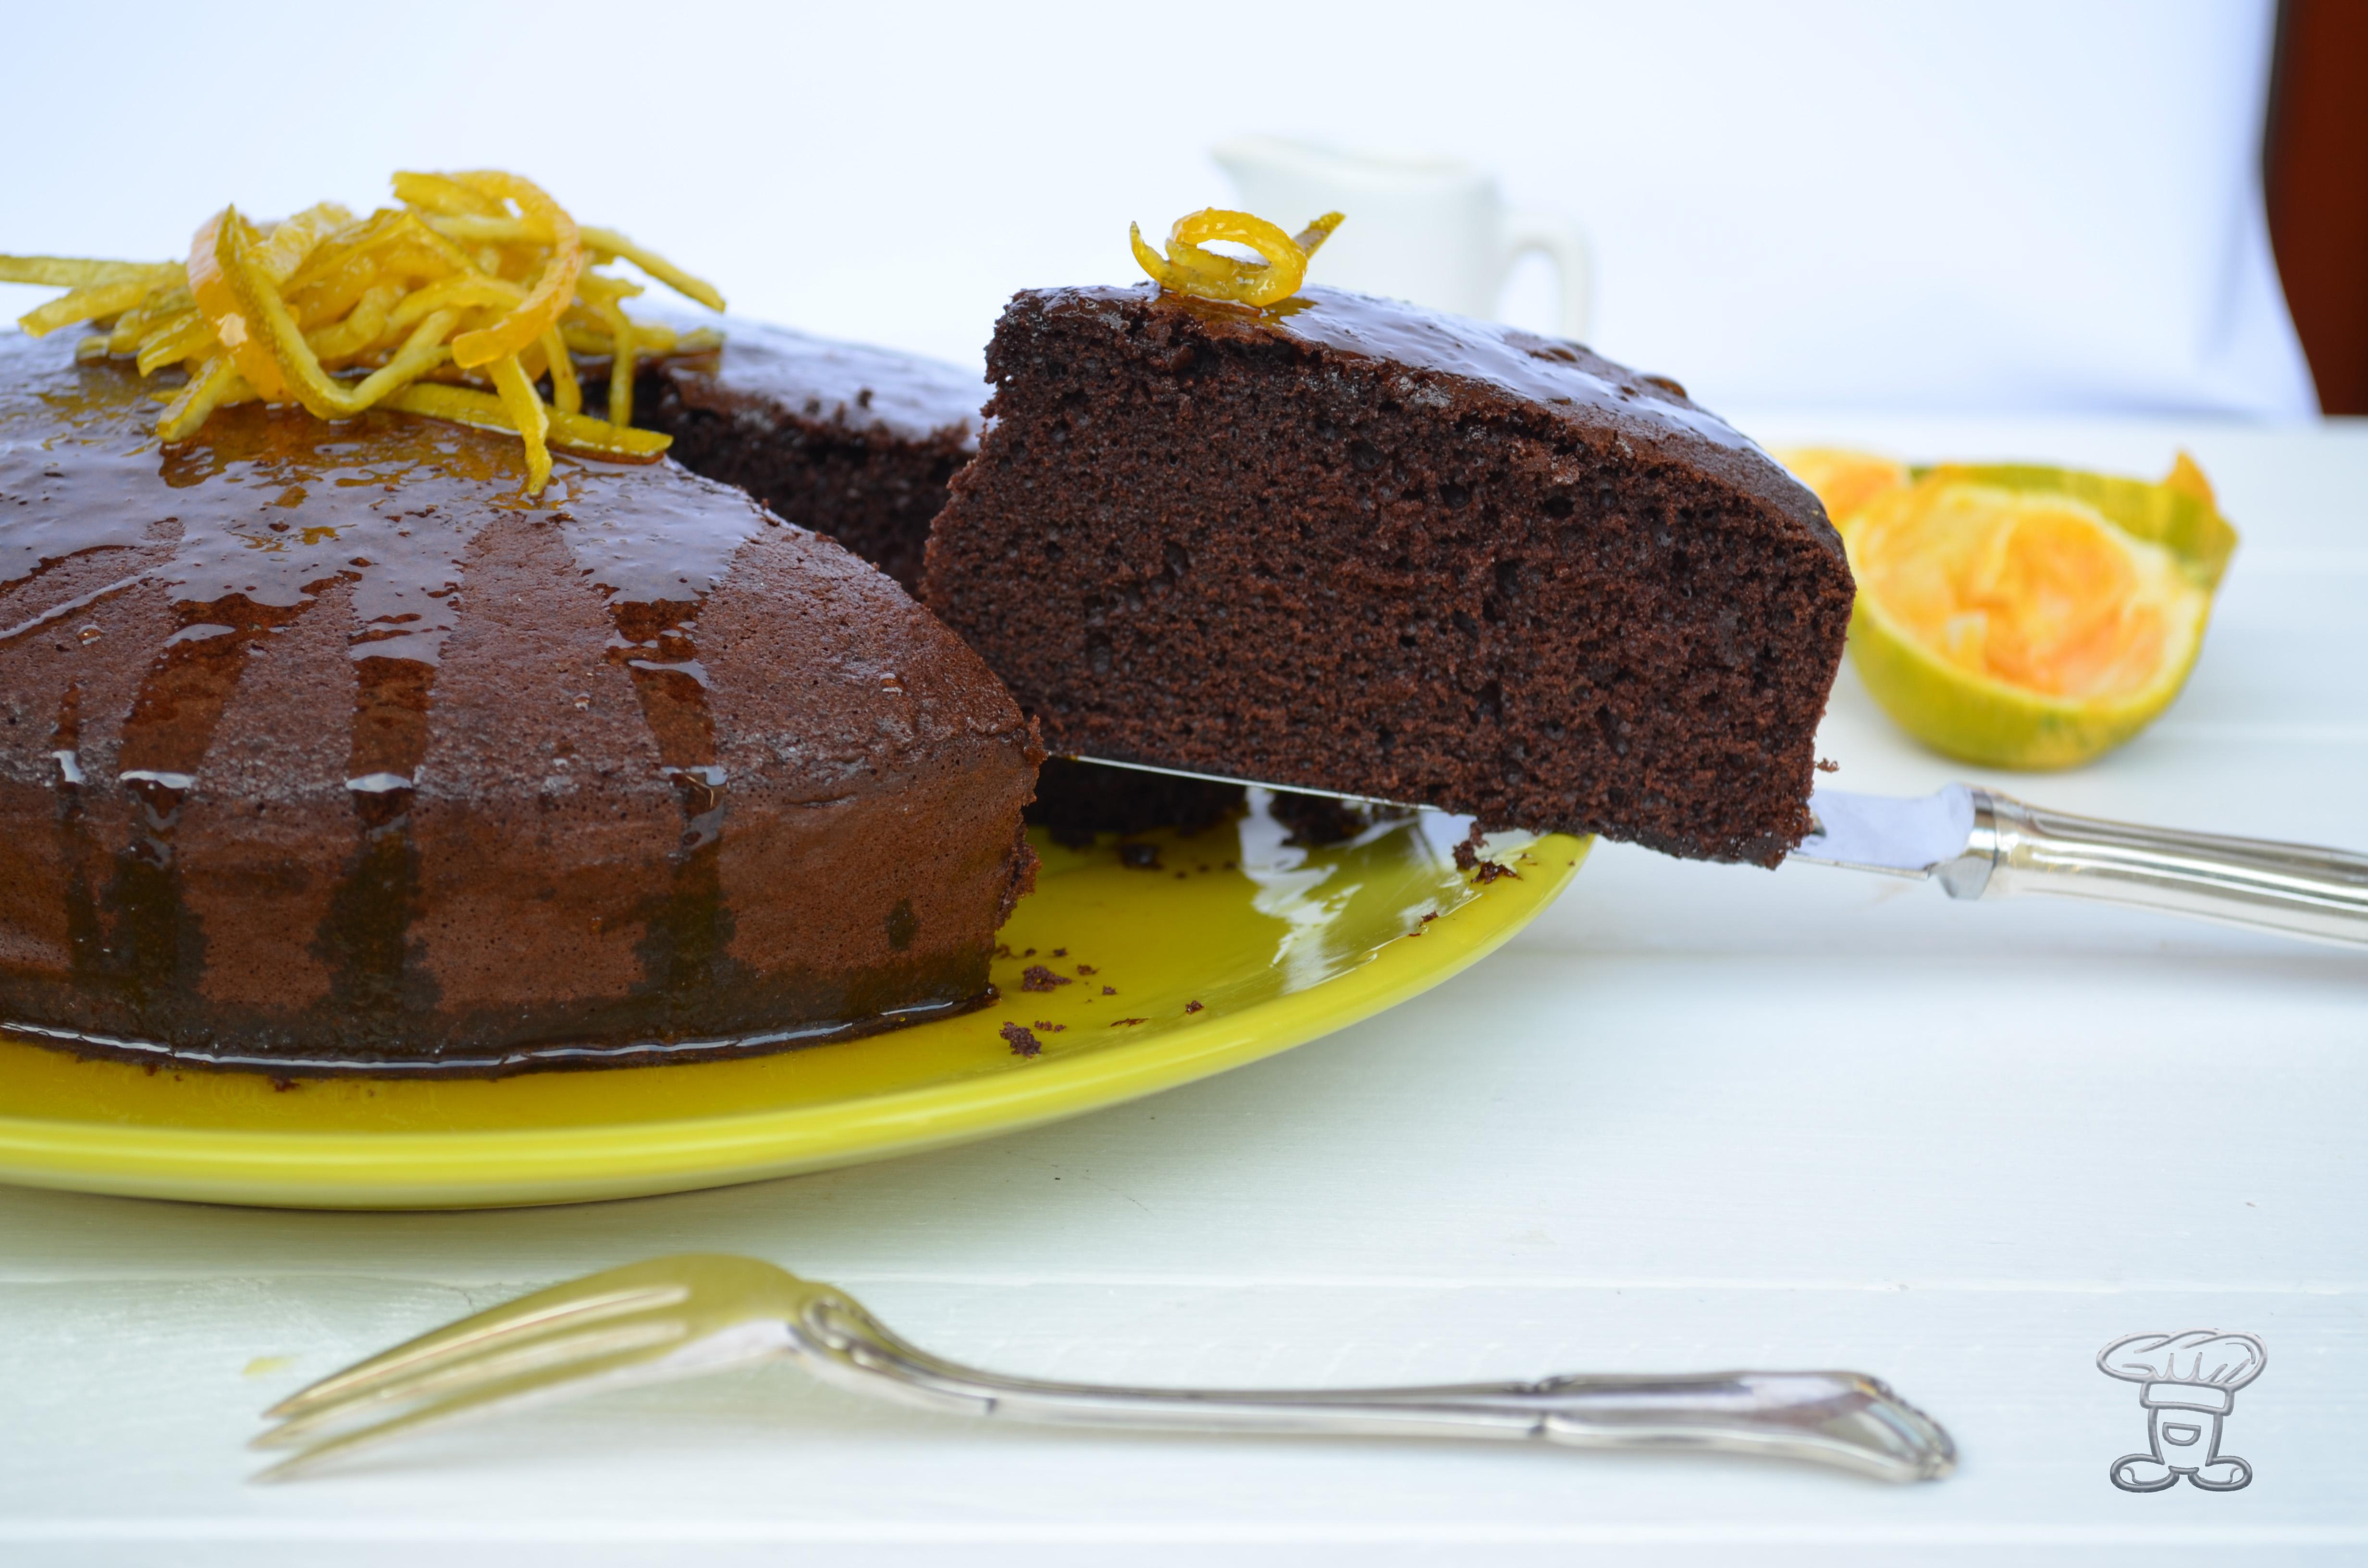 dsc_0174 Torta al Cioccolato con Sciroppo di Mandarino Miyakawa